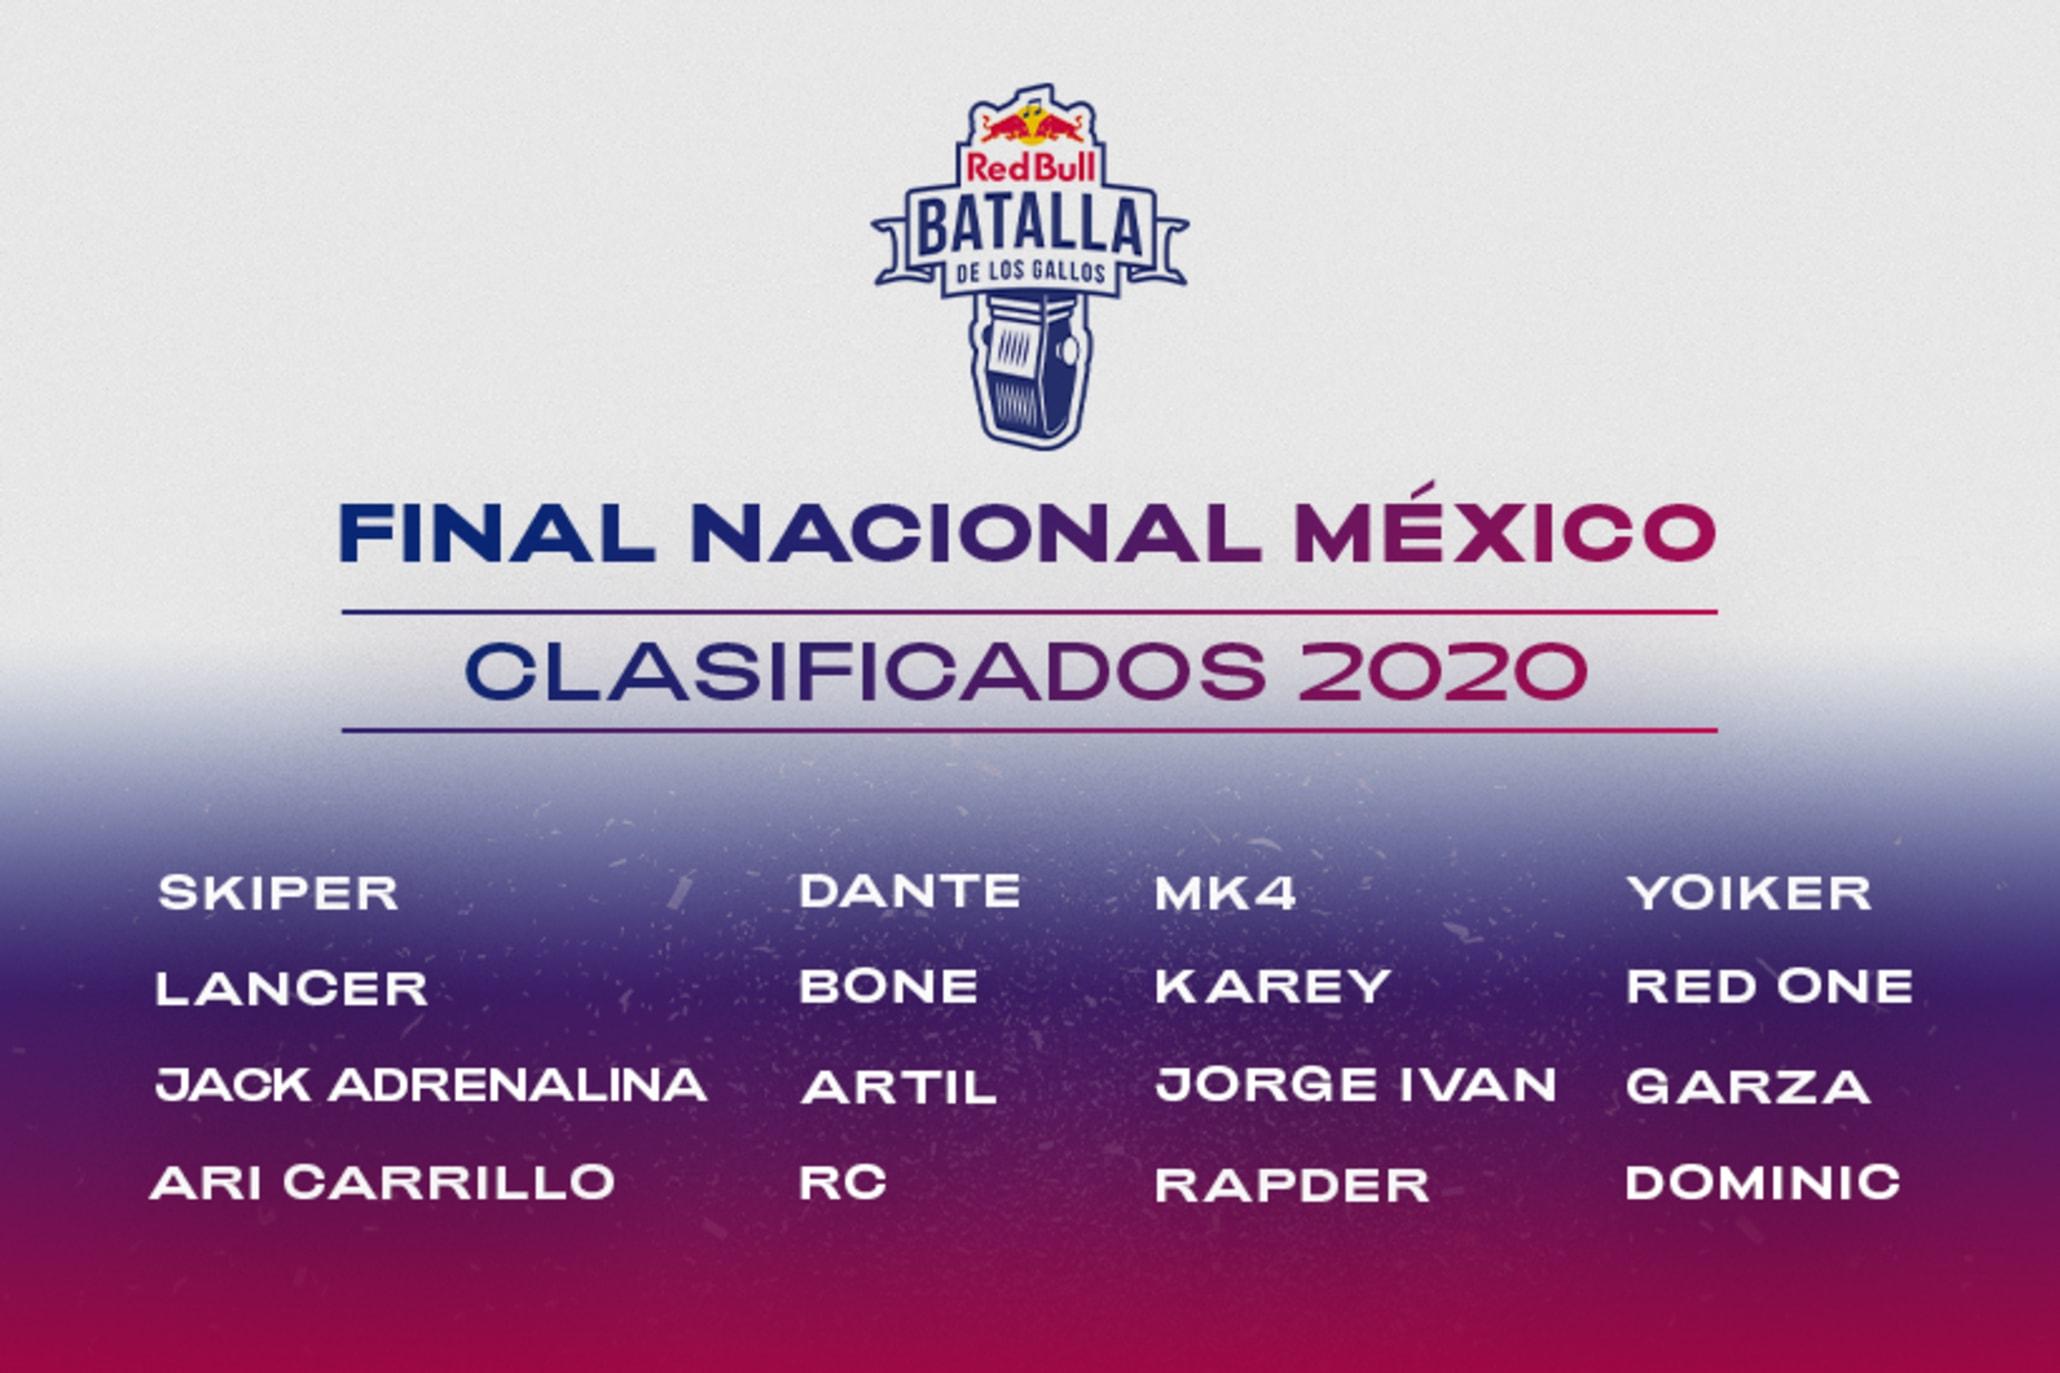 CLASIFICADOS FINAL NACIONAL RED BULL BATALLA DE LOS GALLOS MEXICO 2020